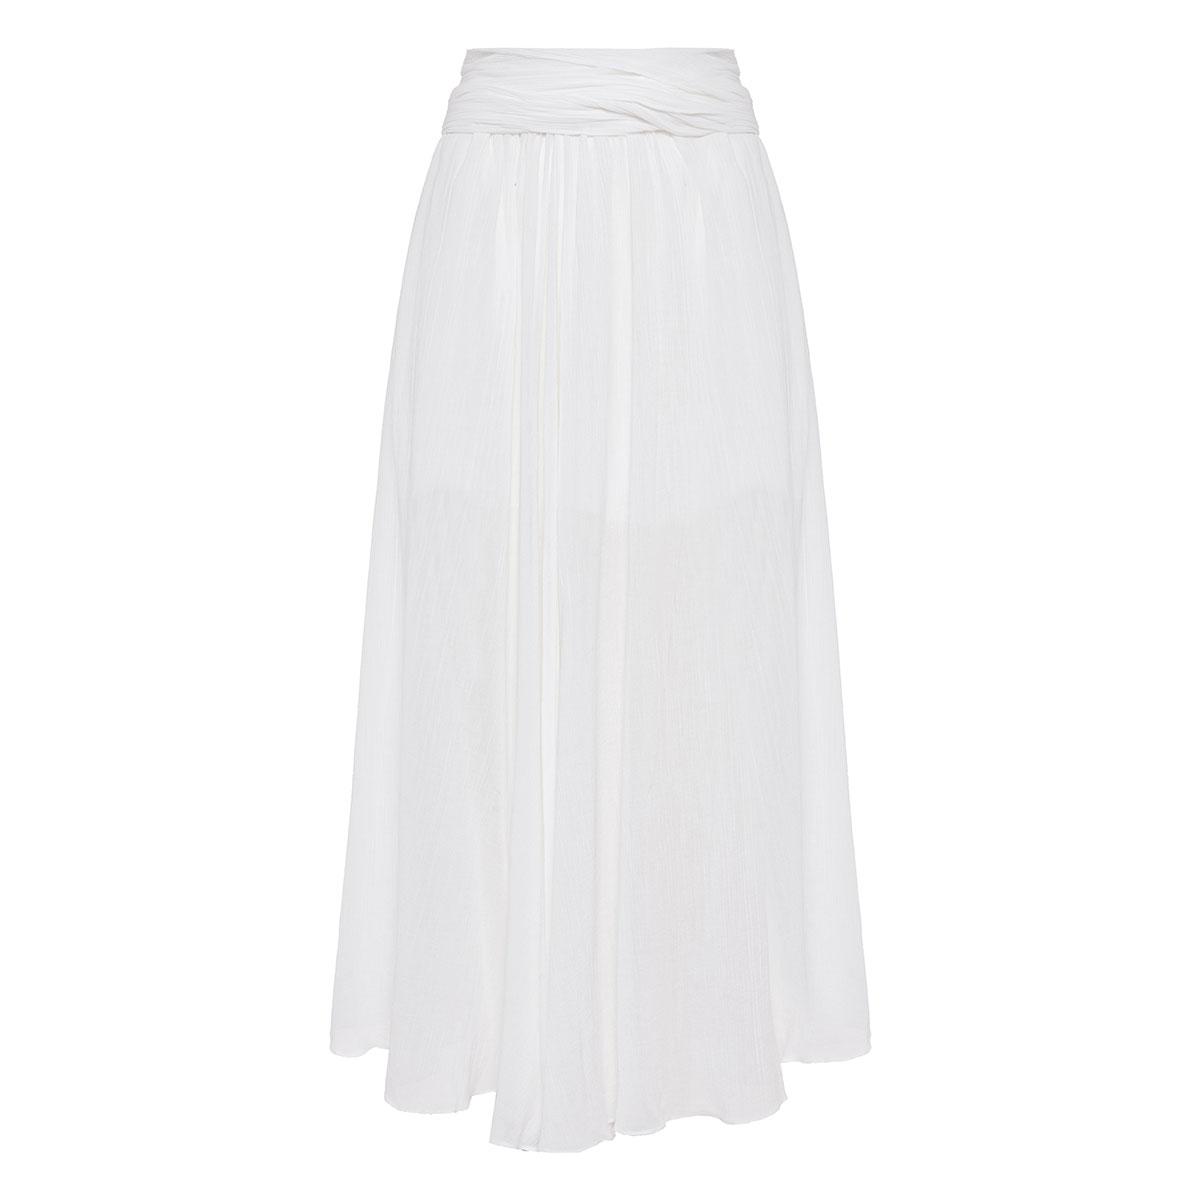 Dorothea crinkled midi skirt